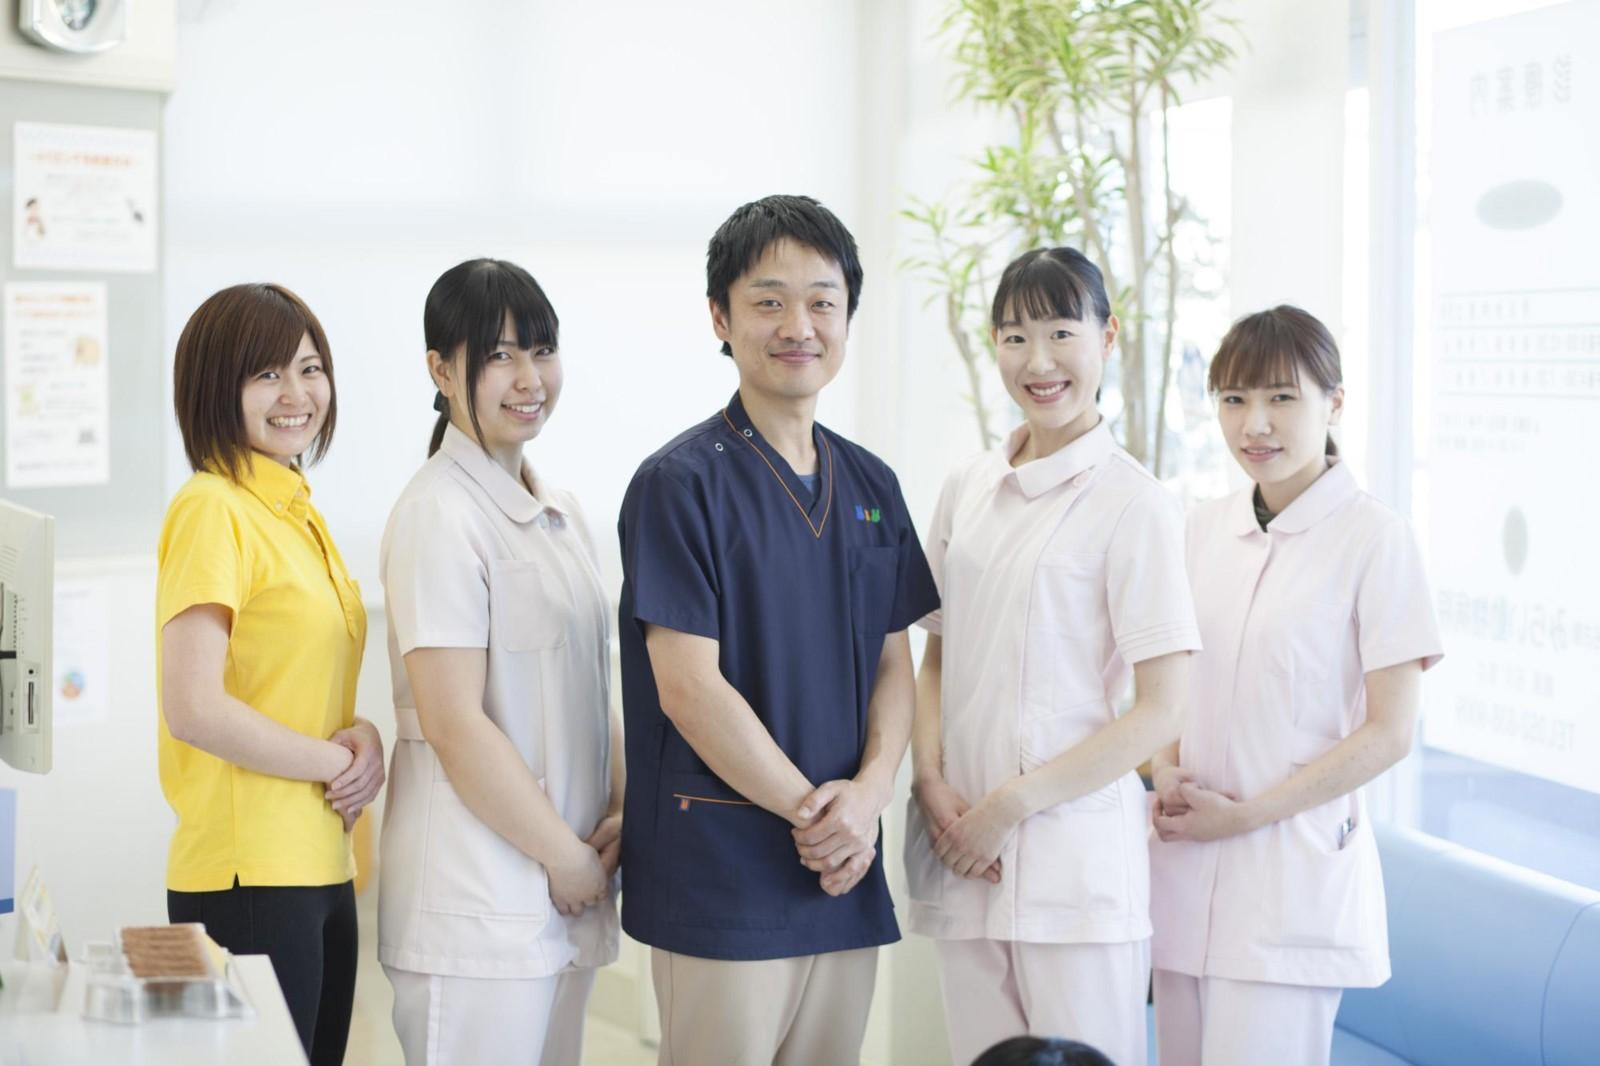 株式会社MRI・名古屋みらい動物病院